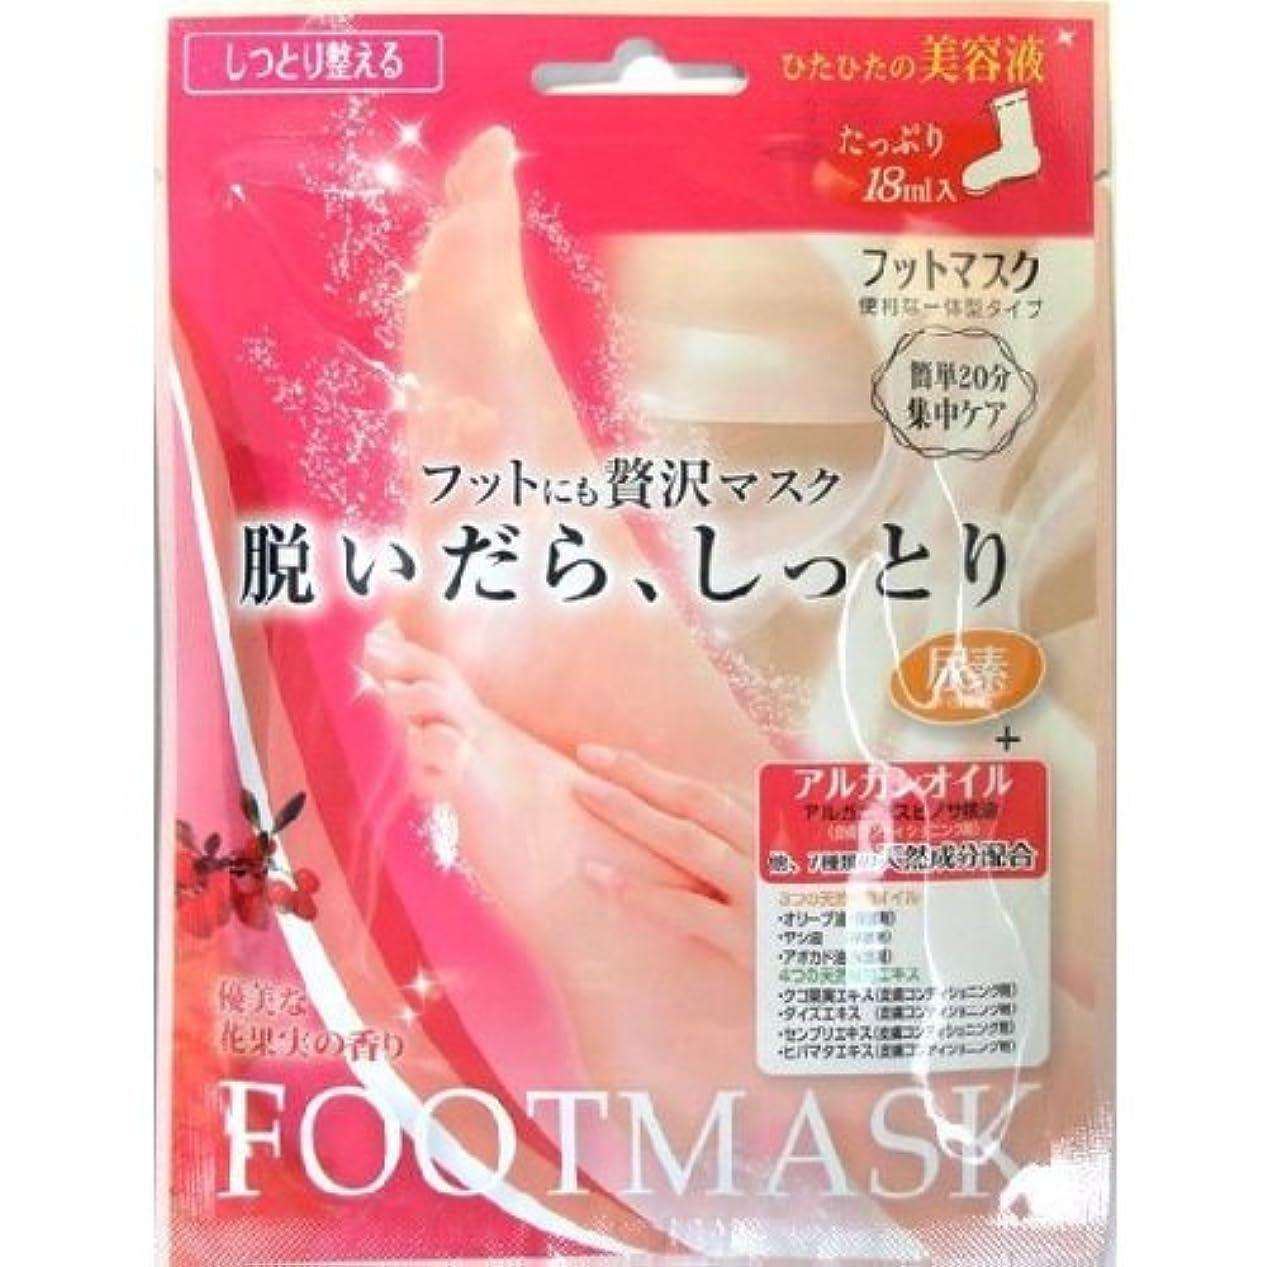 財布最終的にファイナンスフットにも贅沢マスク 脱いだら、しっとり SBフットマスク BSF251 【お得な6回セット】